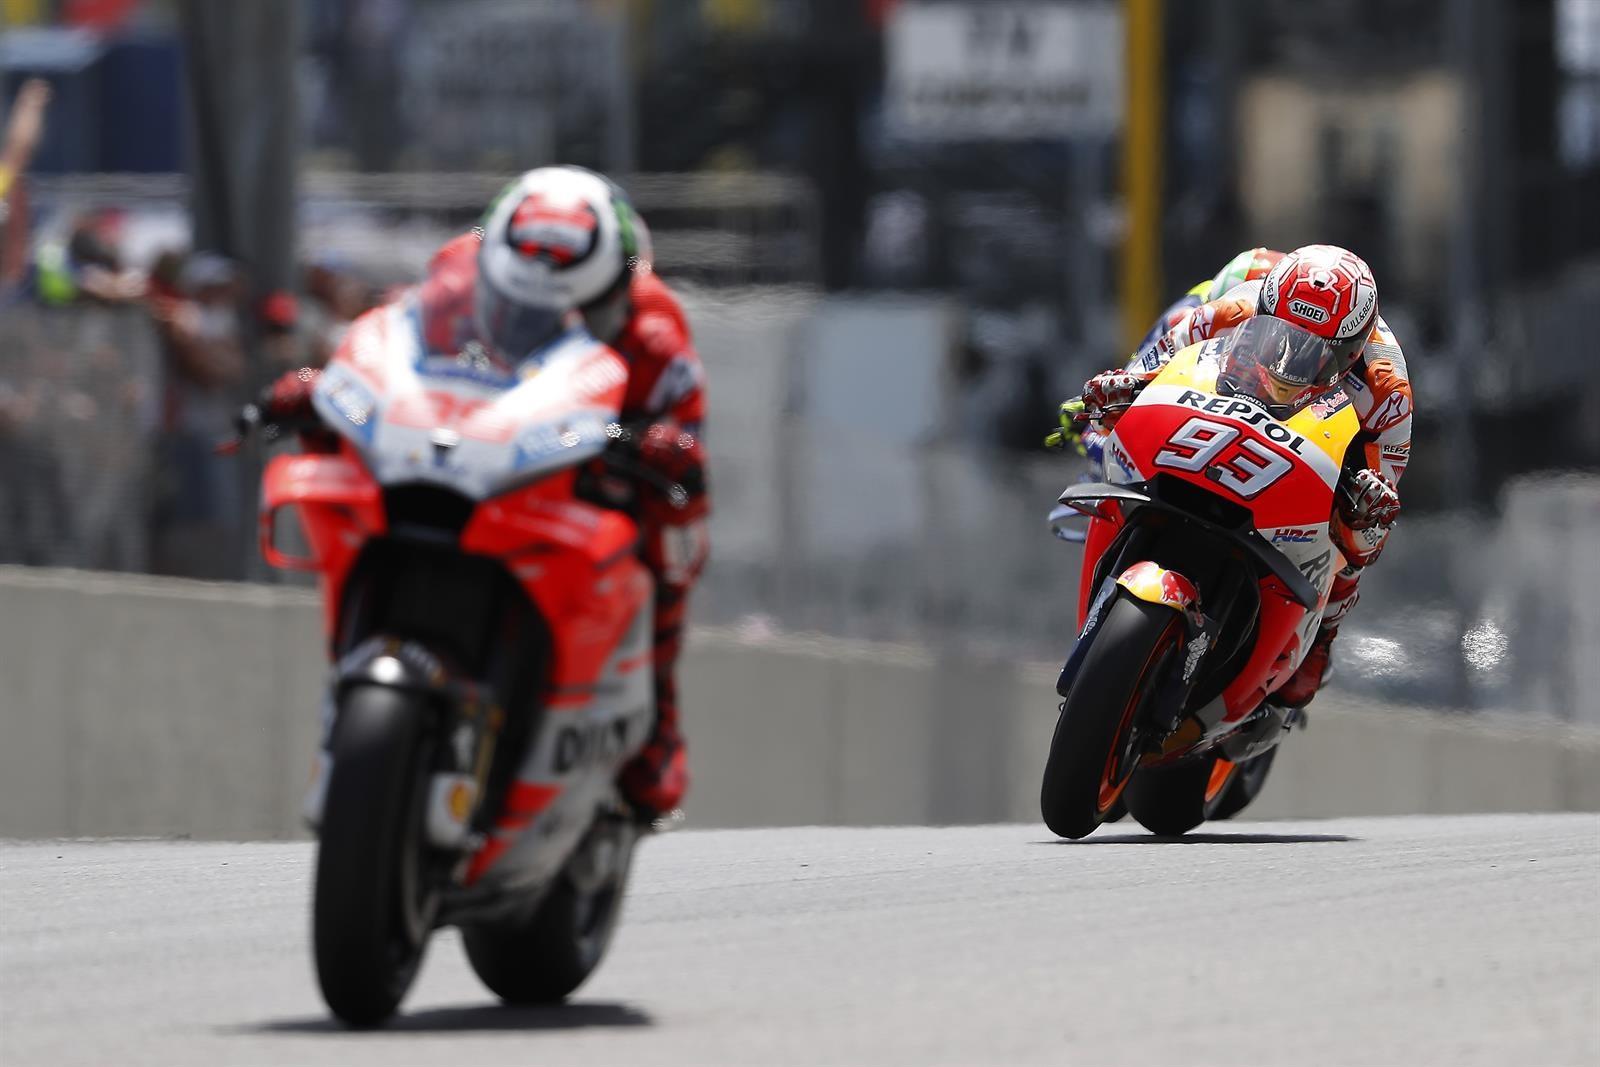 Circuito De Silverstone : Márquez ansía la revancha ante lorenzo en el circuito de silverstone